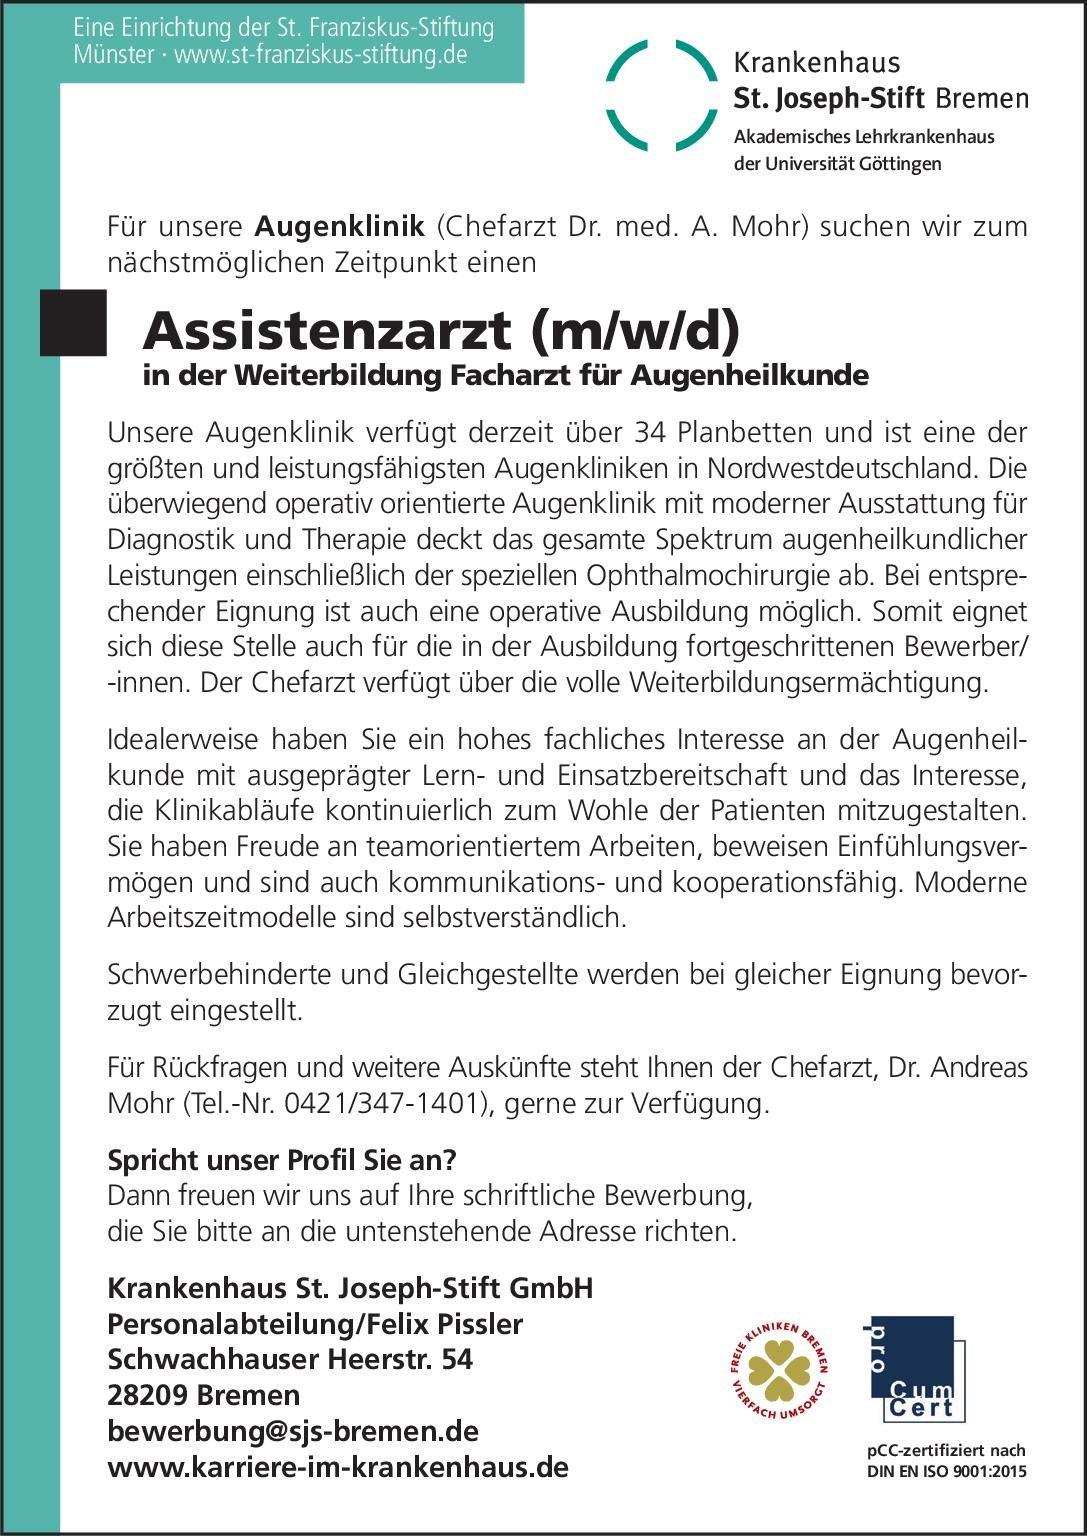 Krankenhaus St. Joseph-Stift GmbH Assistenzarzt (m/w/d) in der Weiterbildung Facharzt für Augenheilkunde Augenheilkunde Assistenzarzt / Arzt in Weiterbildung